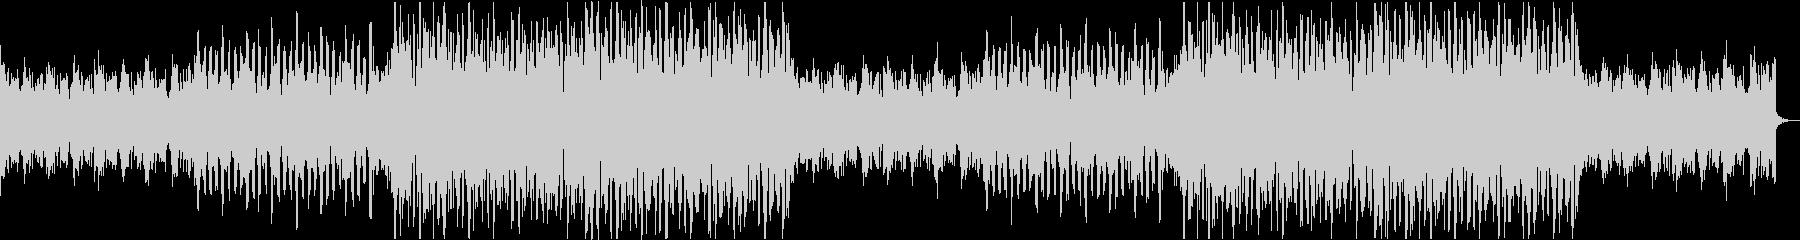 きらきらピアノ企業VPコーポレートaの未再生の波形